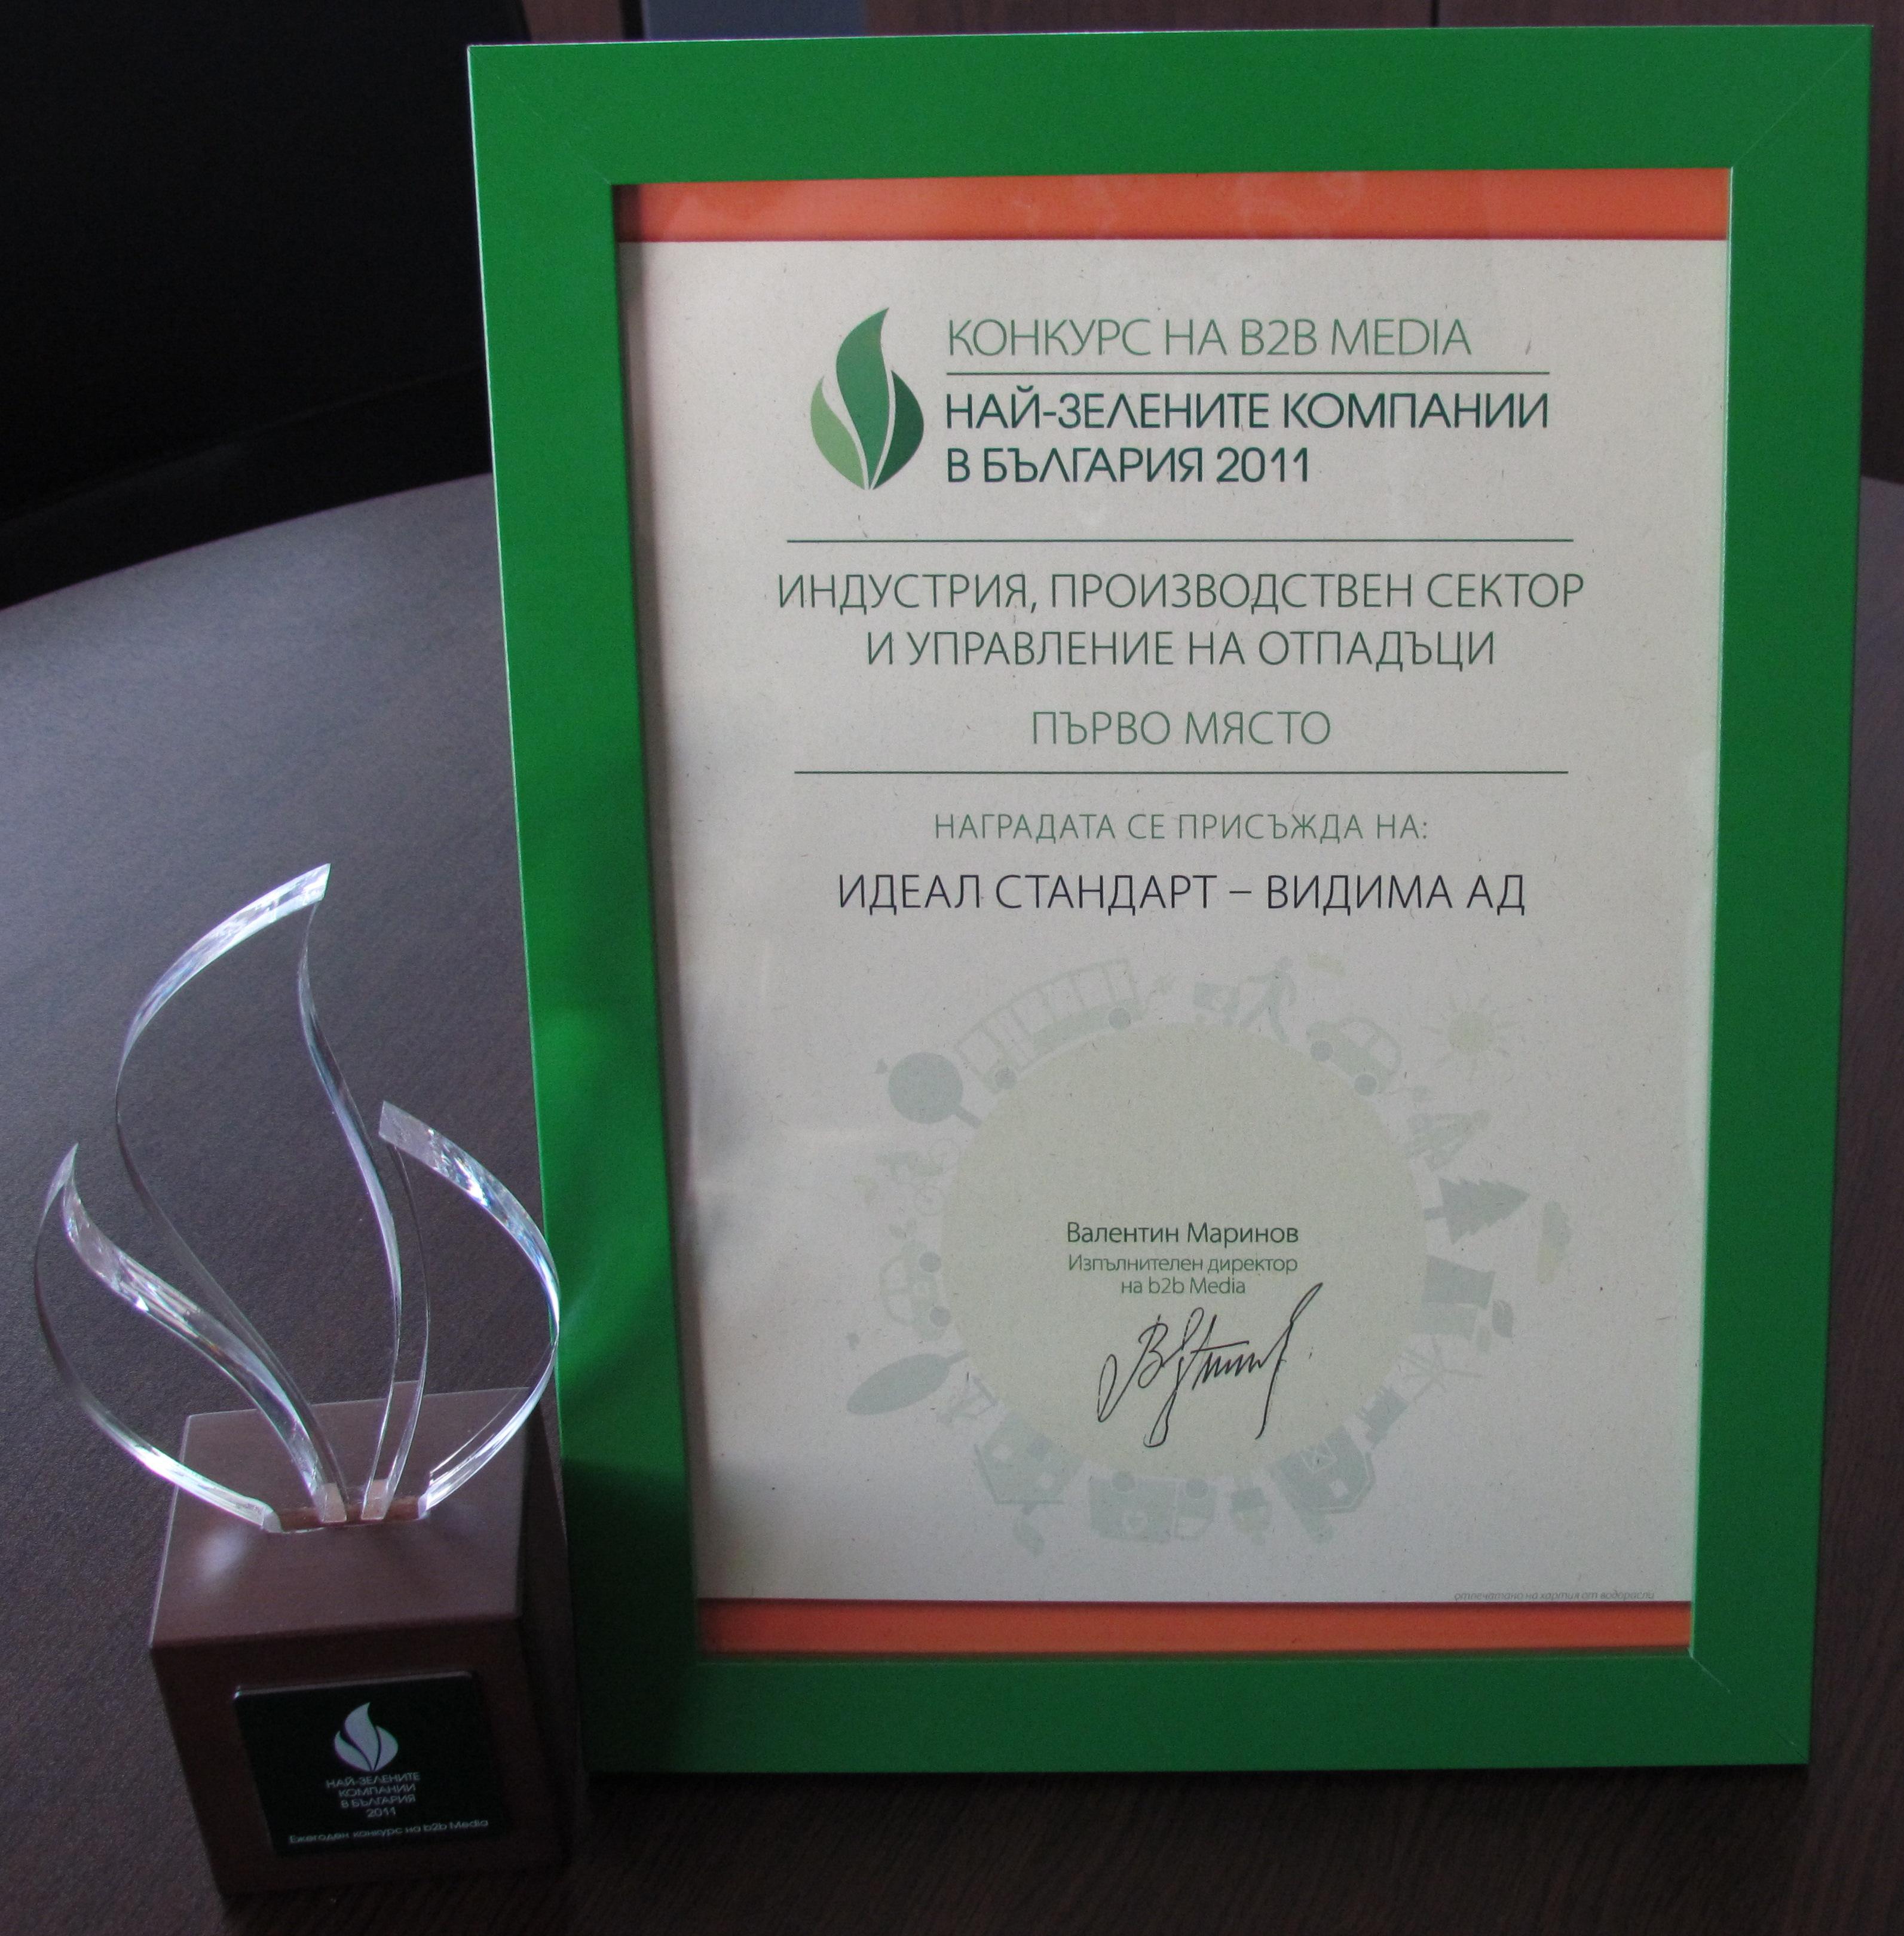 Priz Nai-zelena kompania v Bulgaria 2011